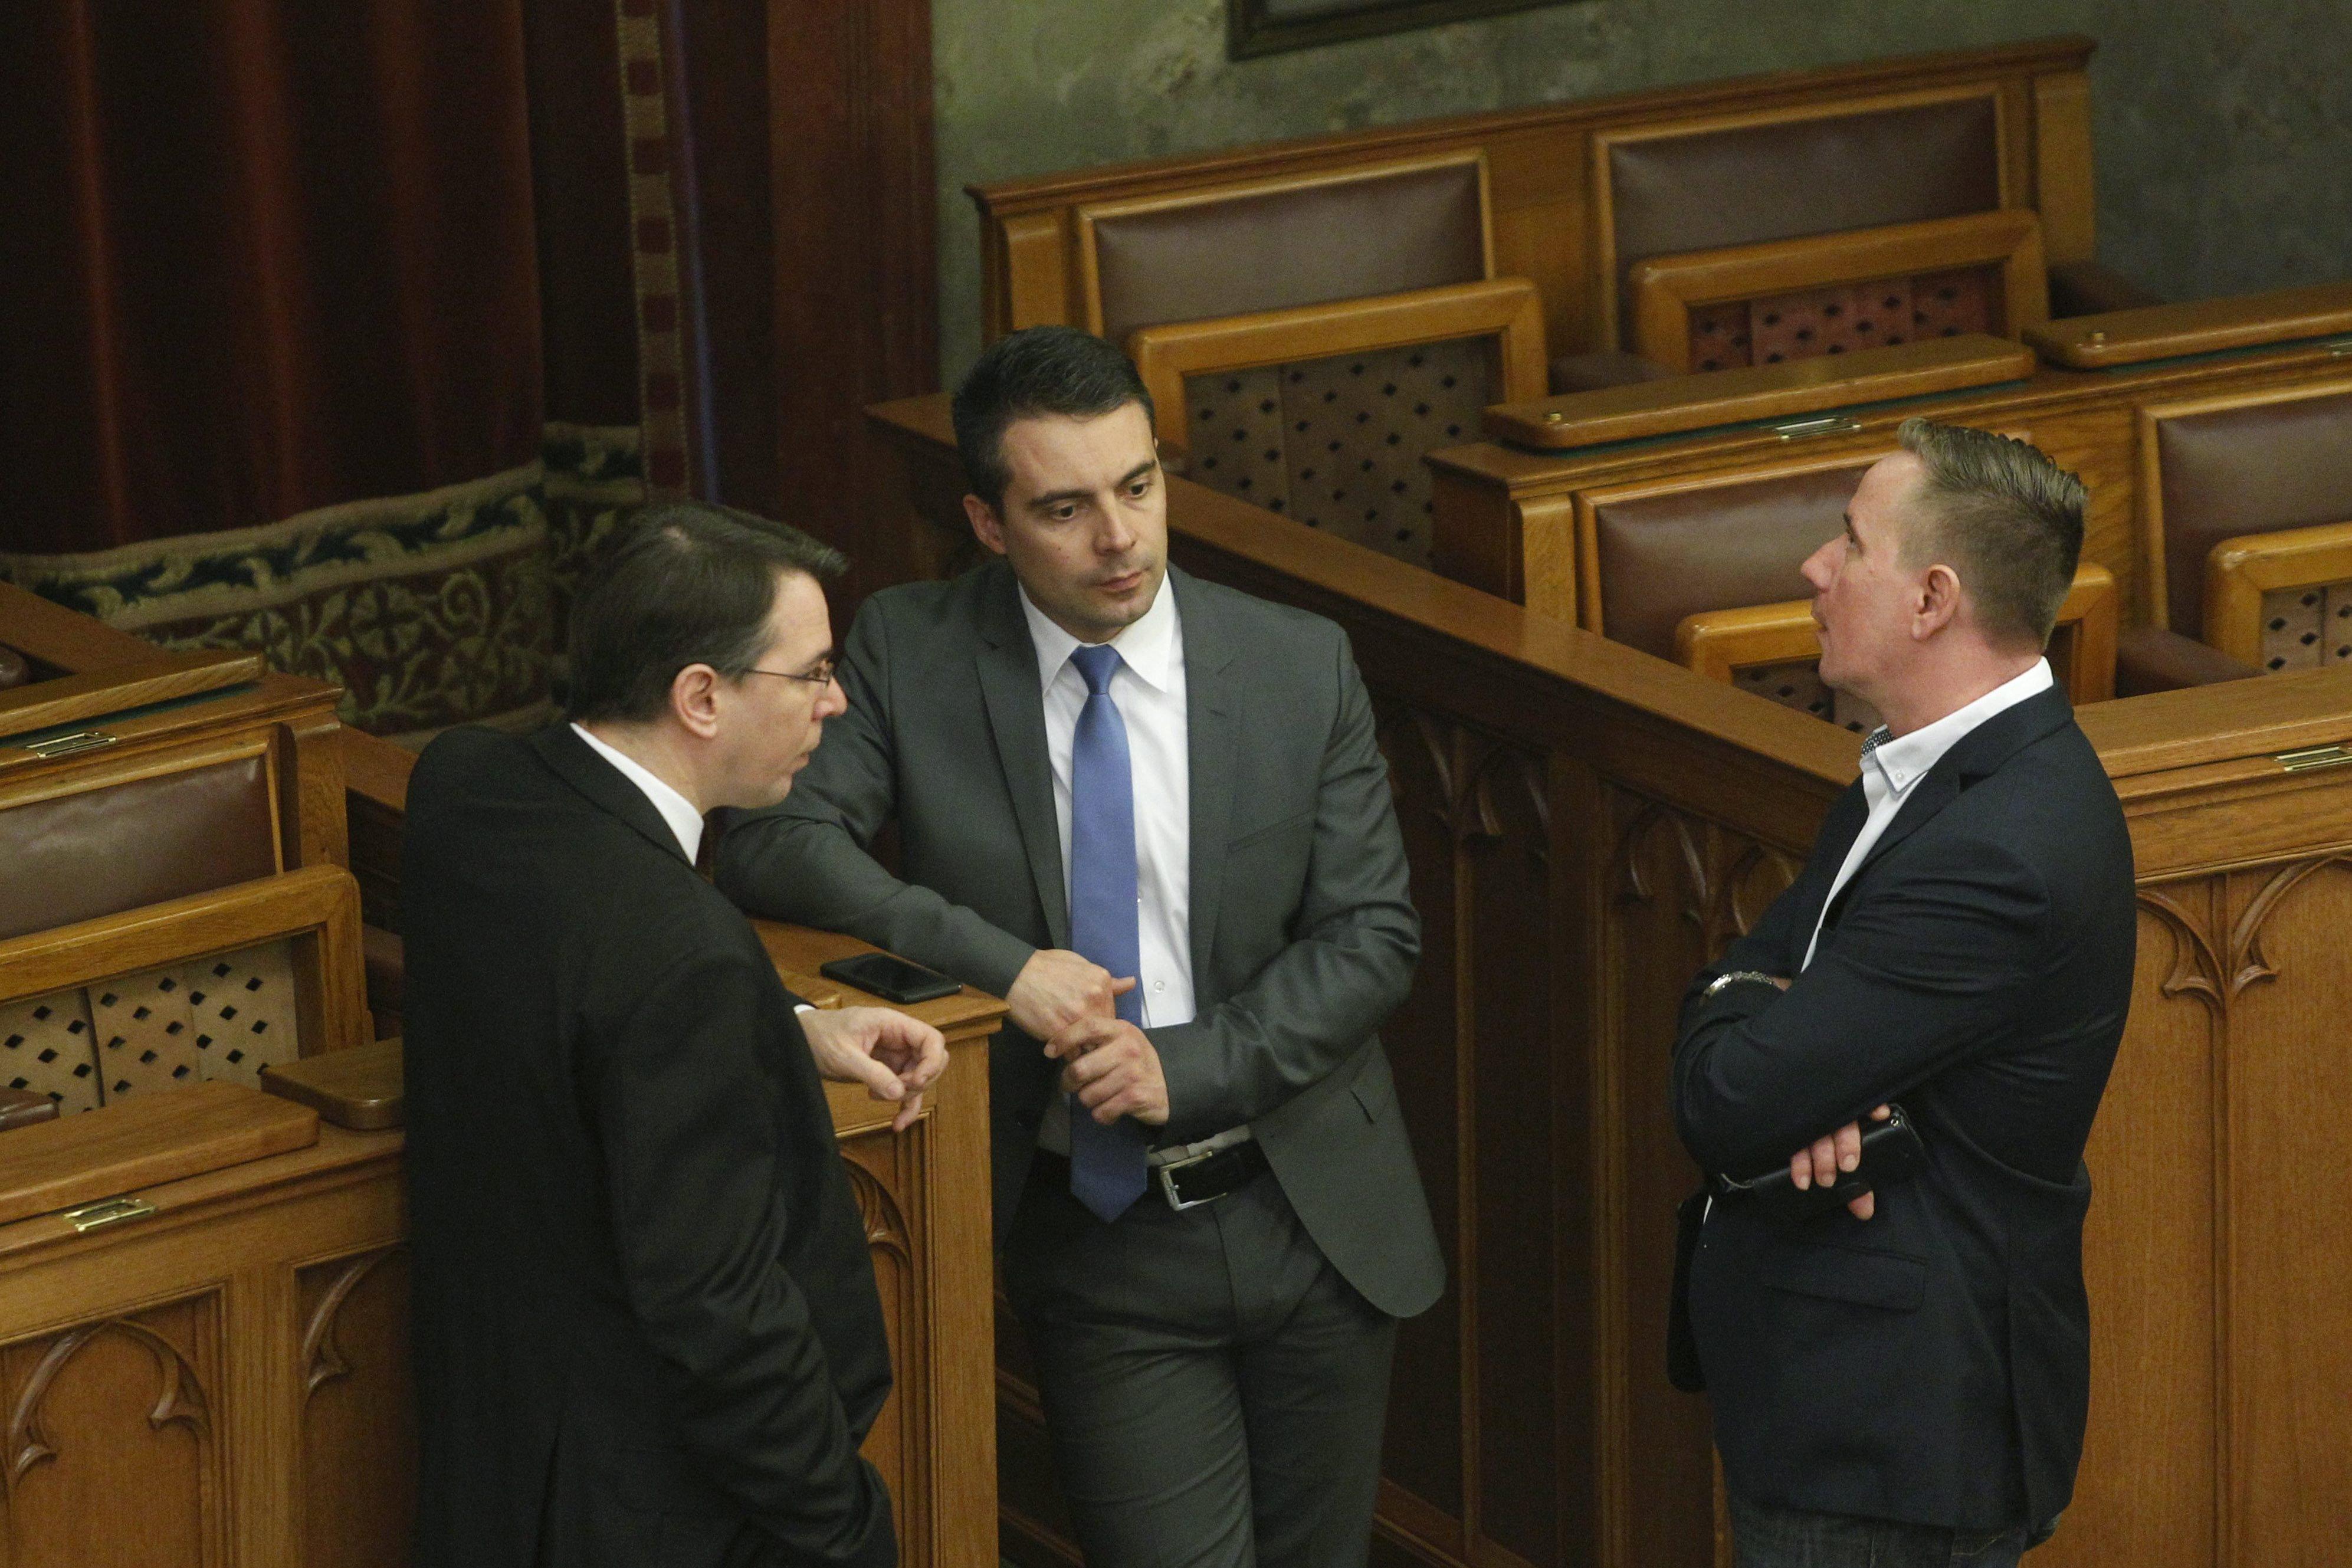 Aláírja a Jobbik az LMP beadványát: Alkotmánybíróság elé kerül a lex CEU